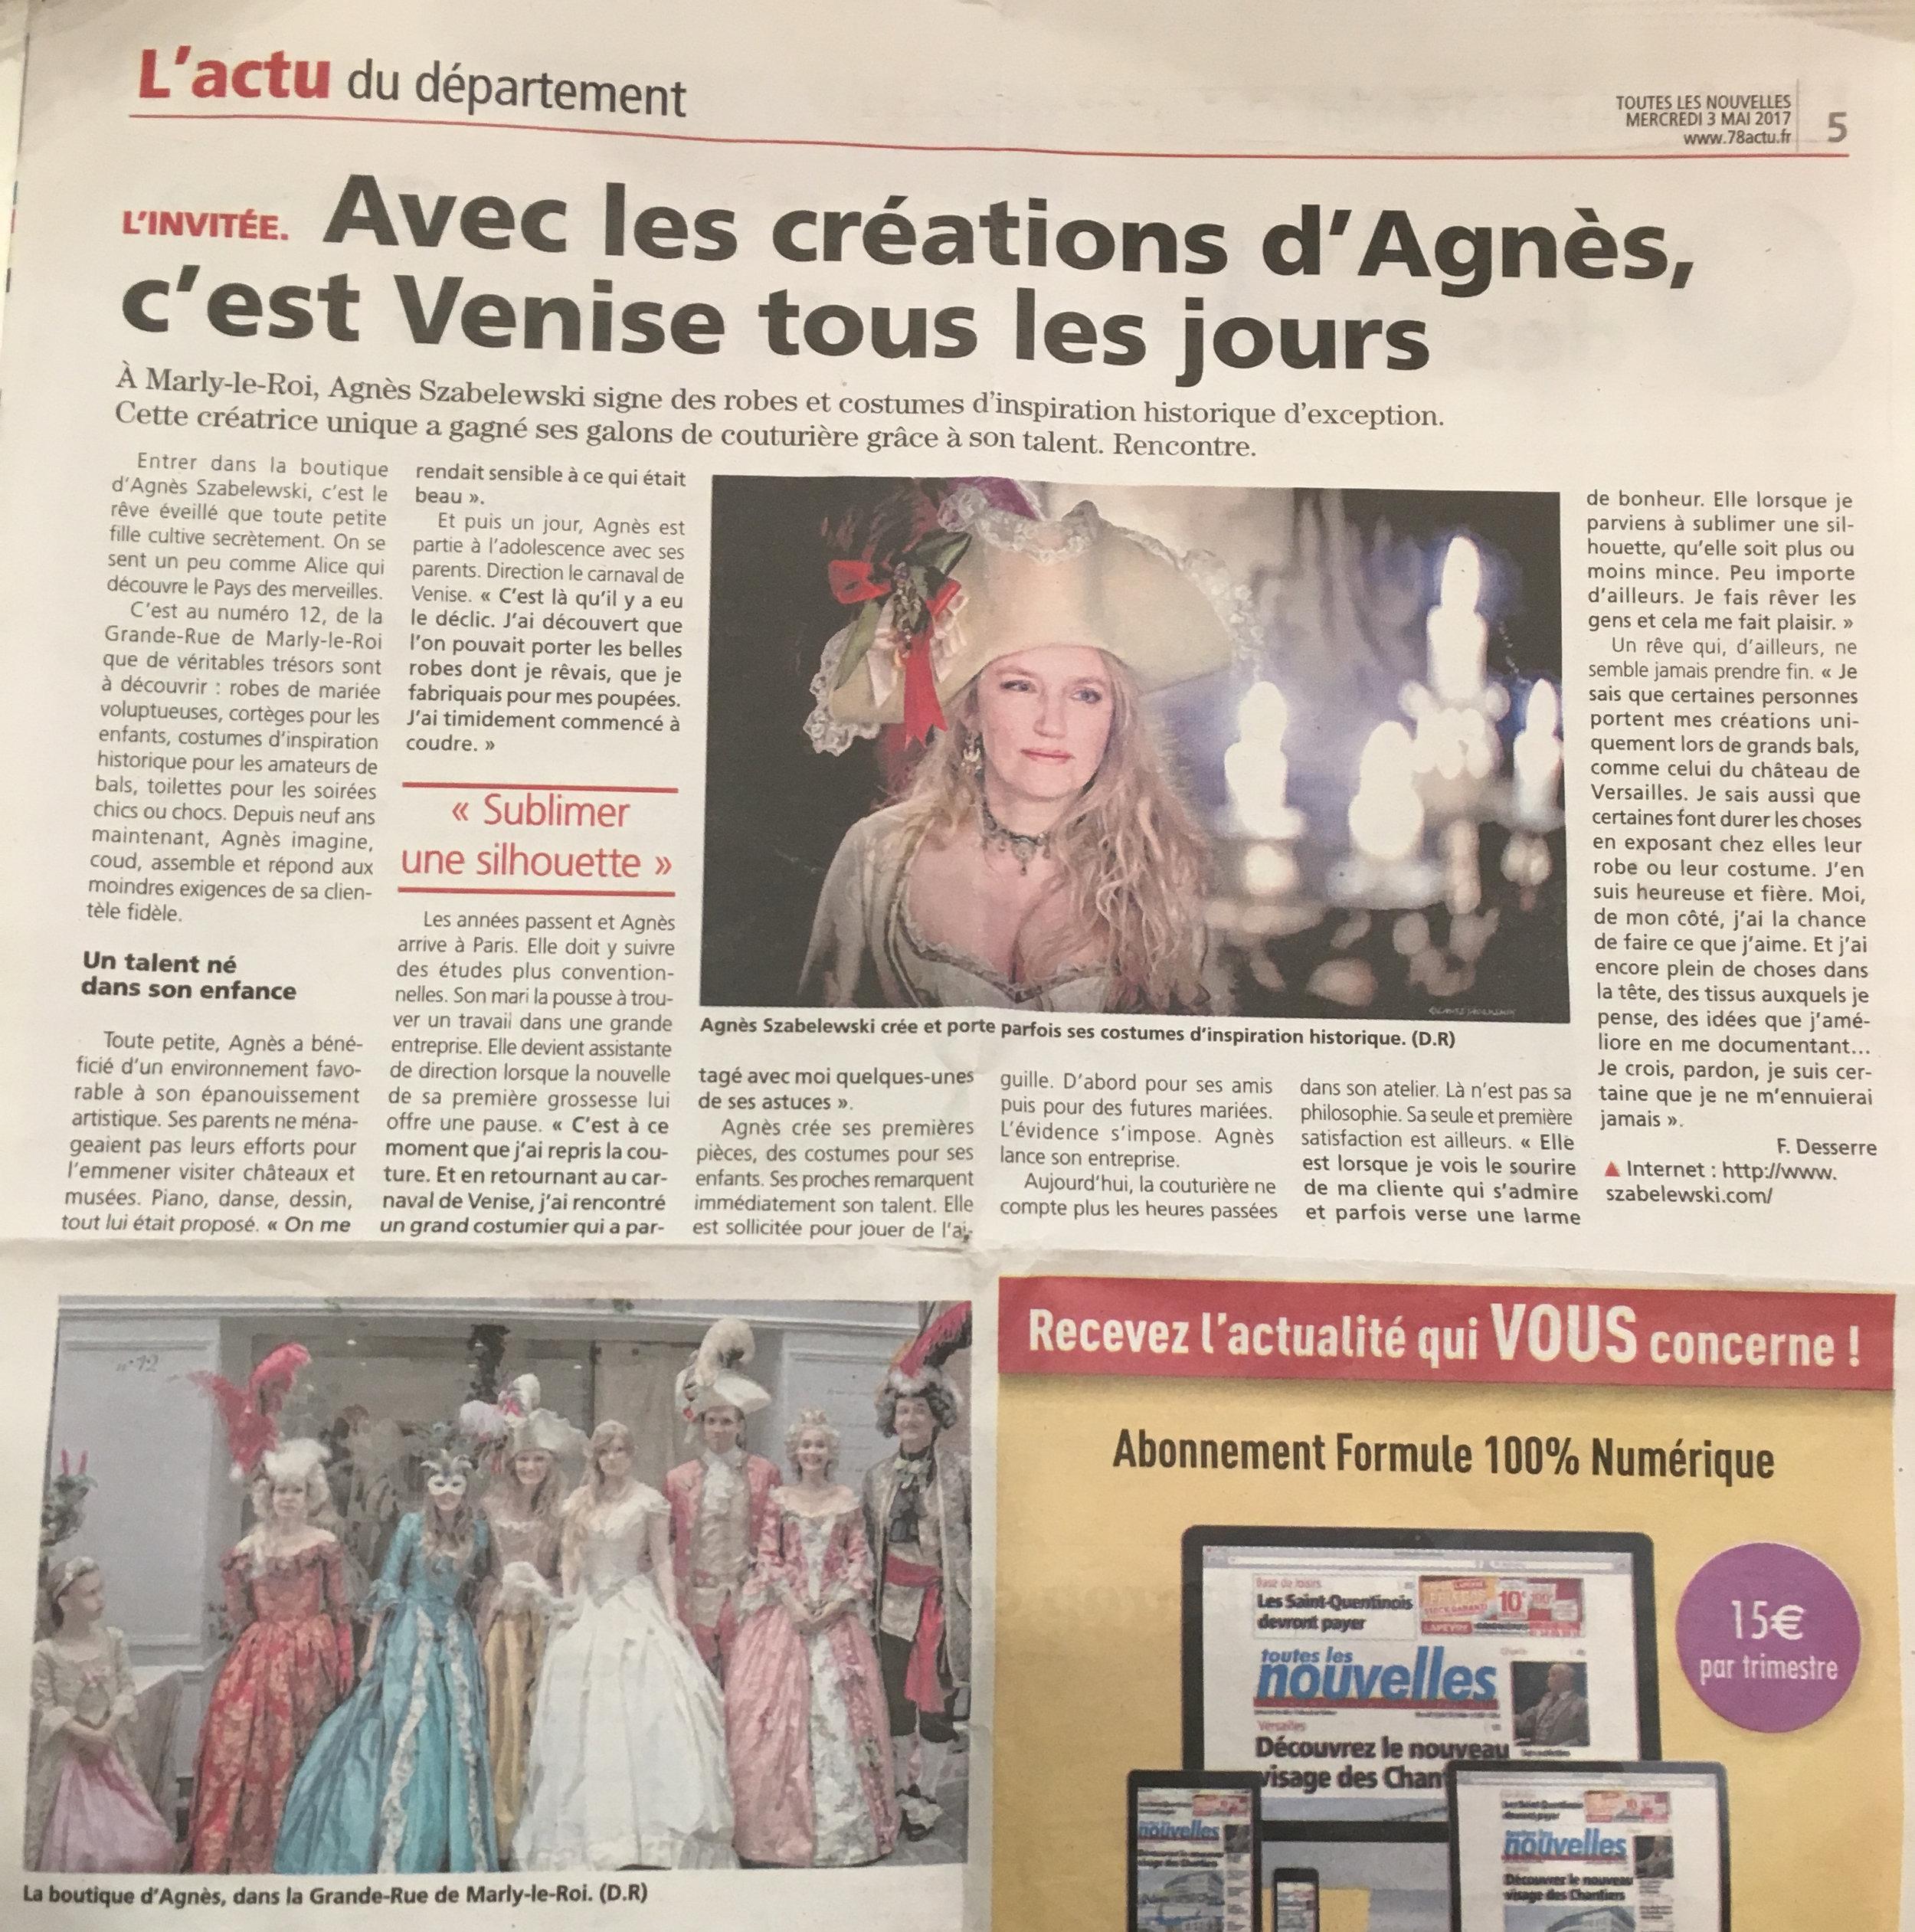 Toutes les Nouvelles article sur Agnès Szabelewski.jpg